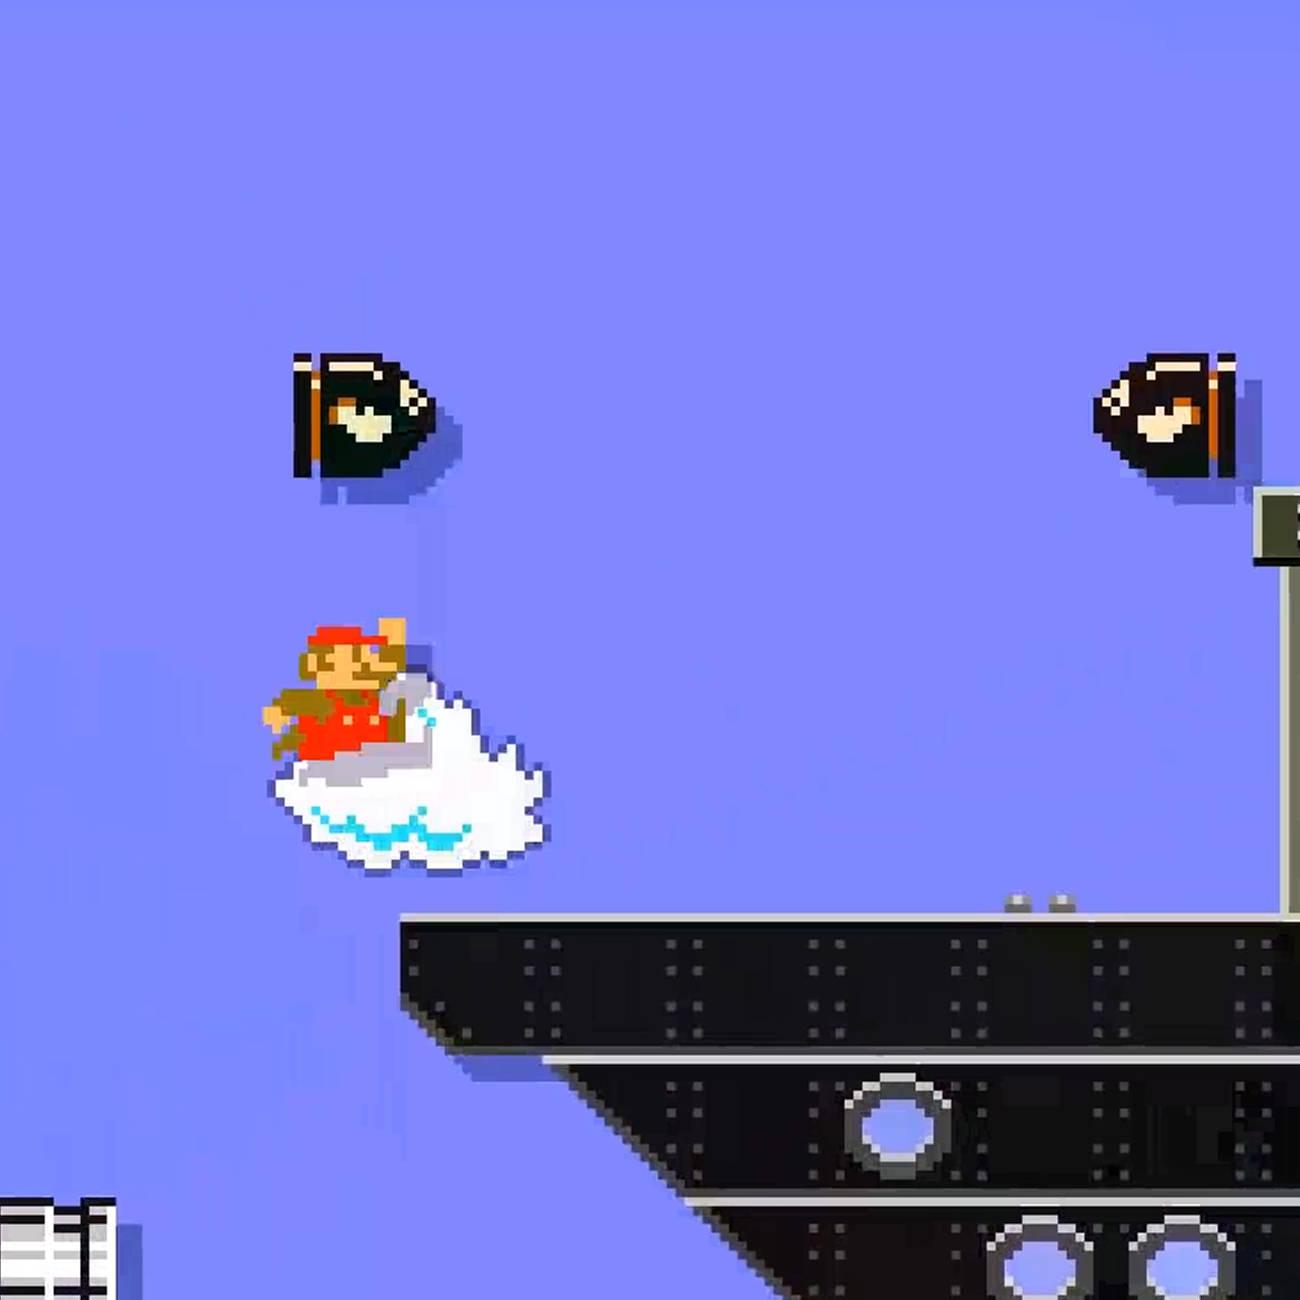 スーパーマリオメーカー2、薄く映っている船と羽アイコン